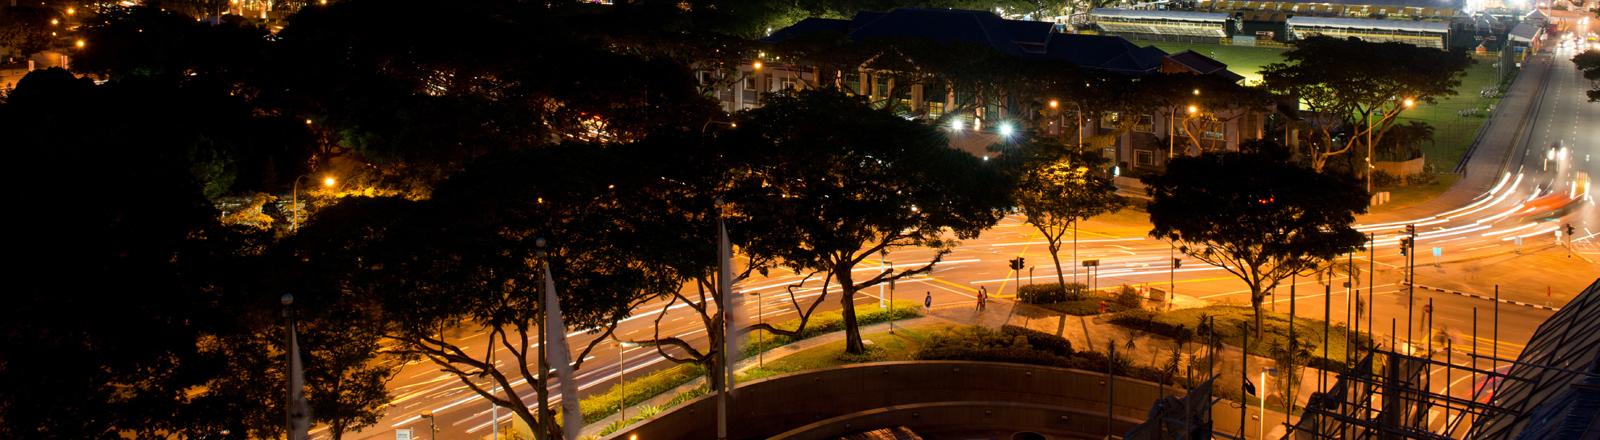 Skyline Singapur mit Straßen bei Nacht